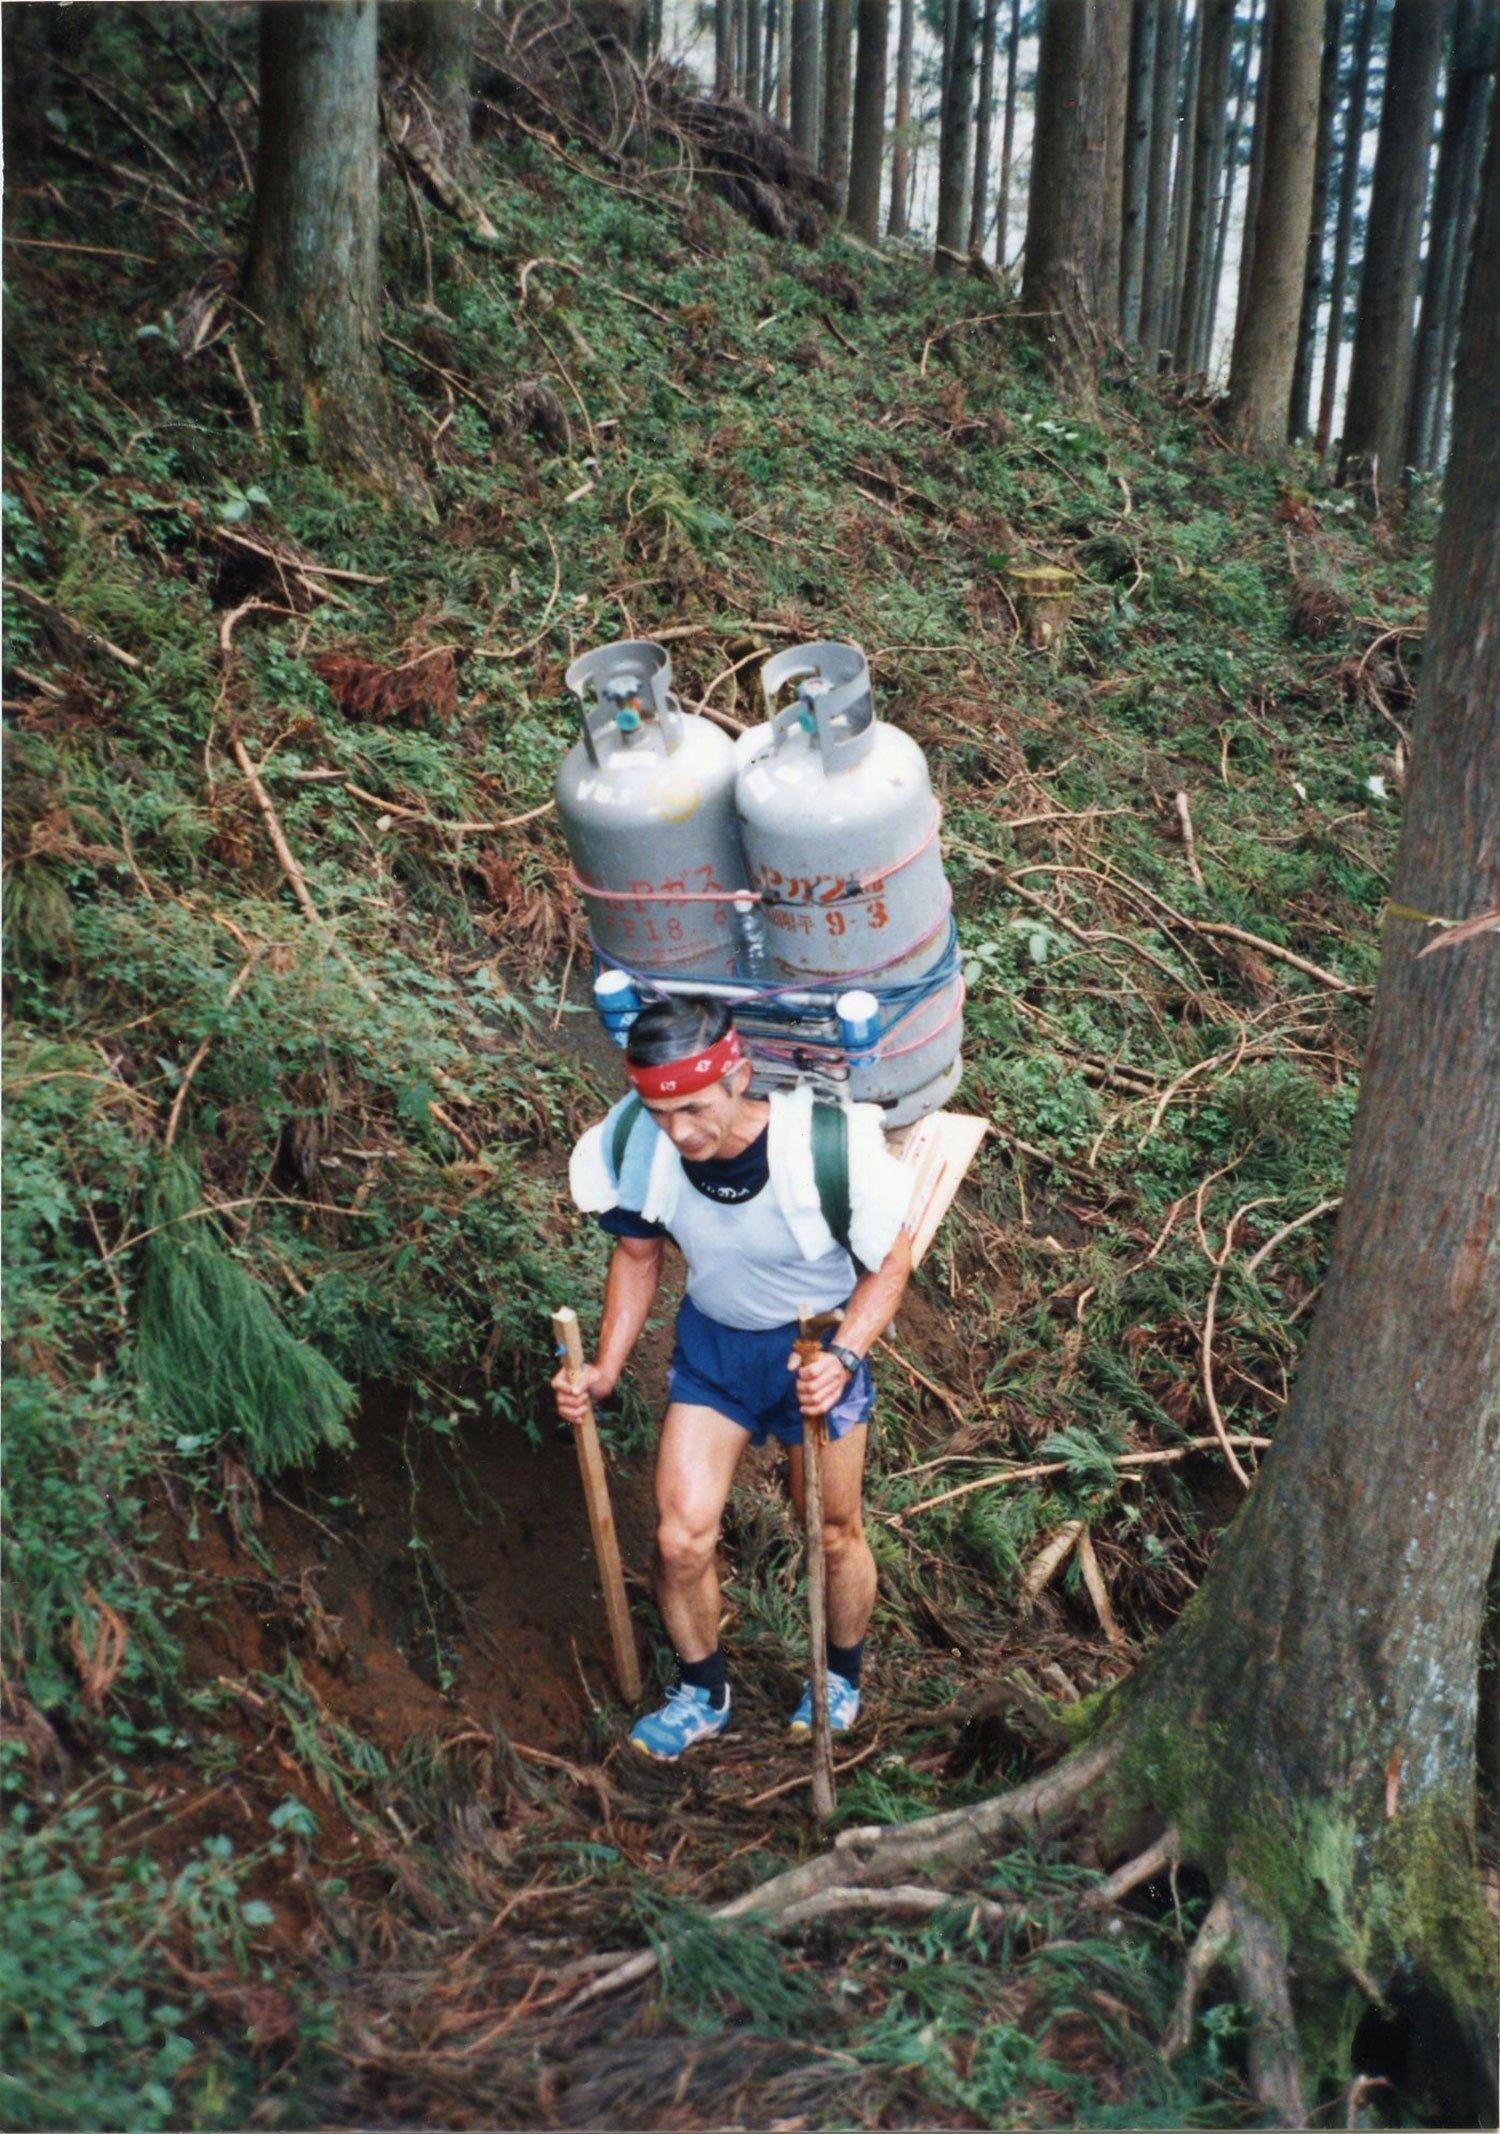 1995年、40㎏のプロパンガス2本に500㎖ビール缶と350㎖ビール缶の2ケース、合計109㎏の荷揚げを記録。(写真提供=草野延孝さん)